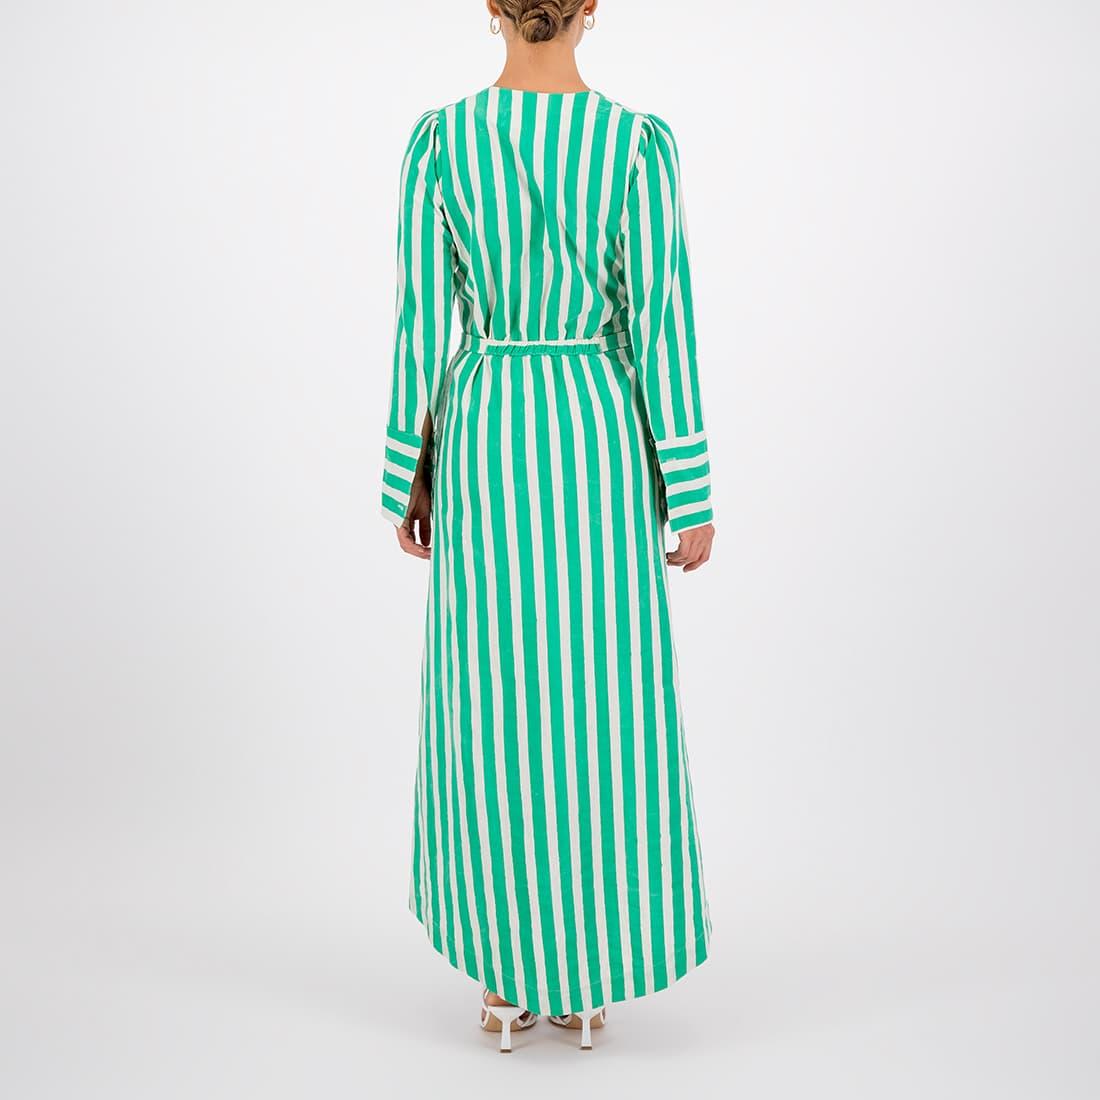 100% cotton ankle-length wrap dress 3